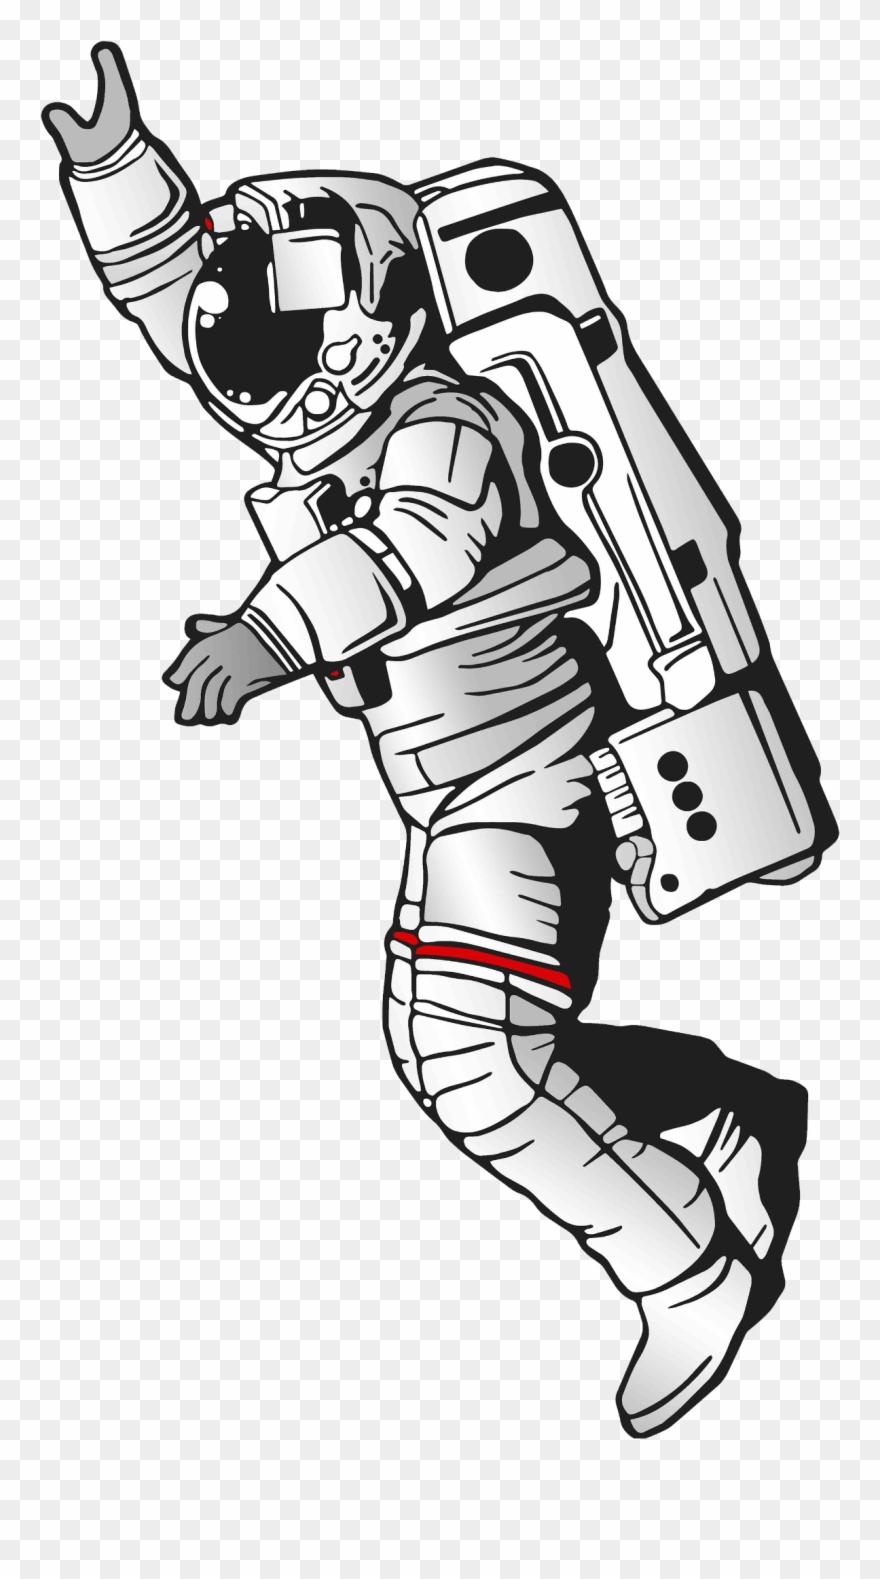 Spaceman Silhouette Clip Art.